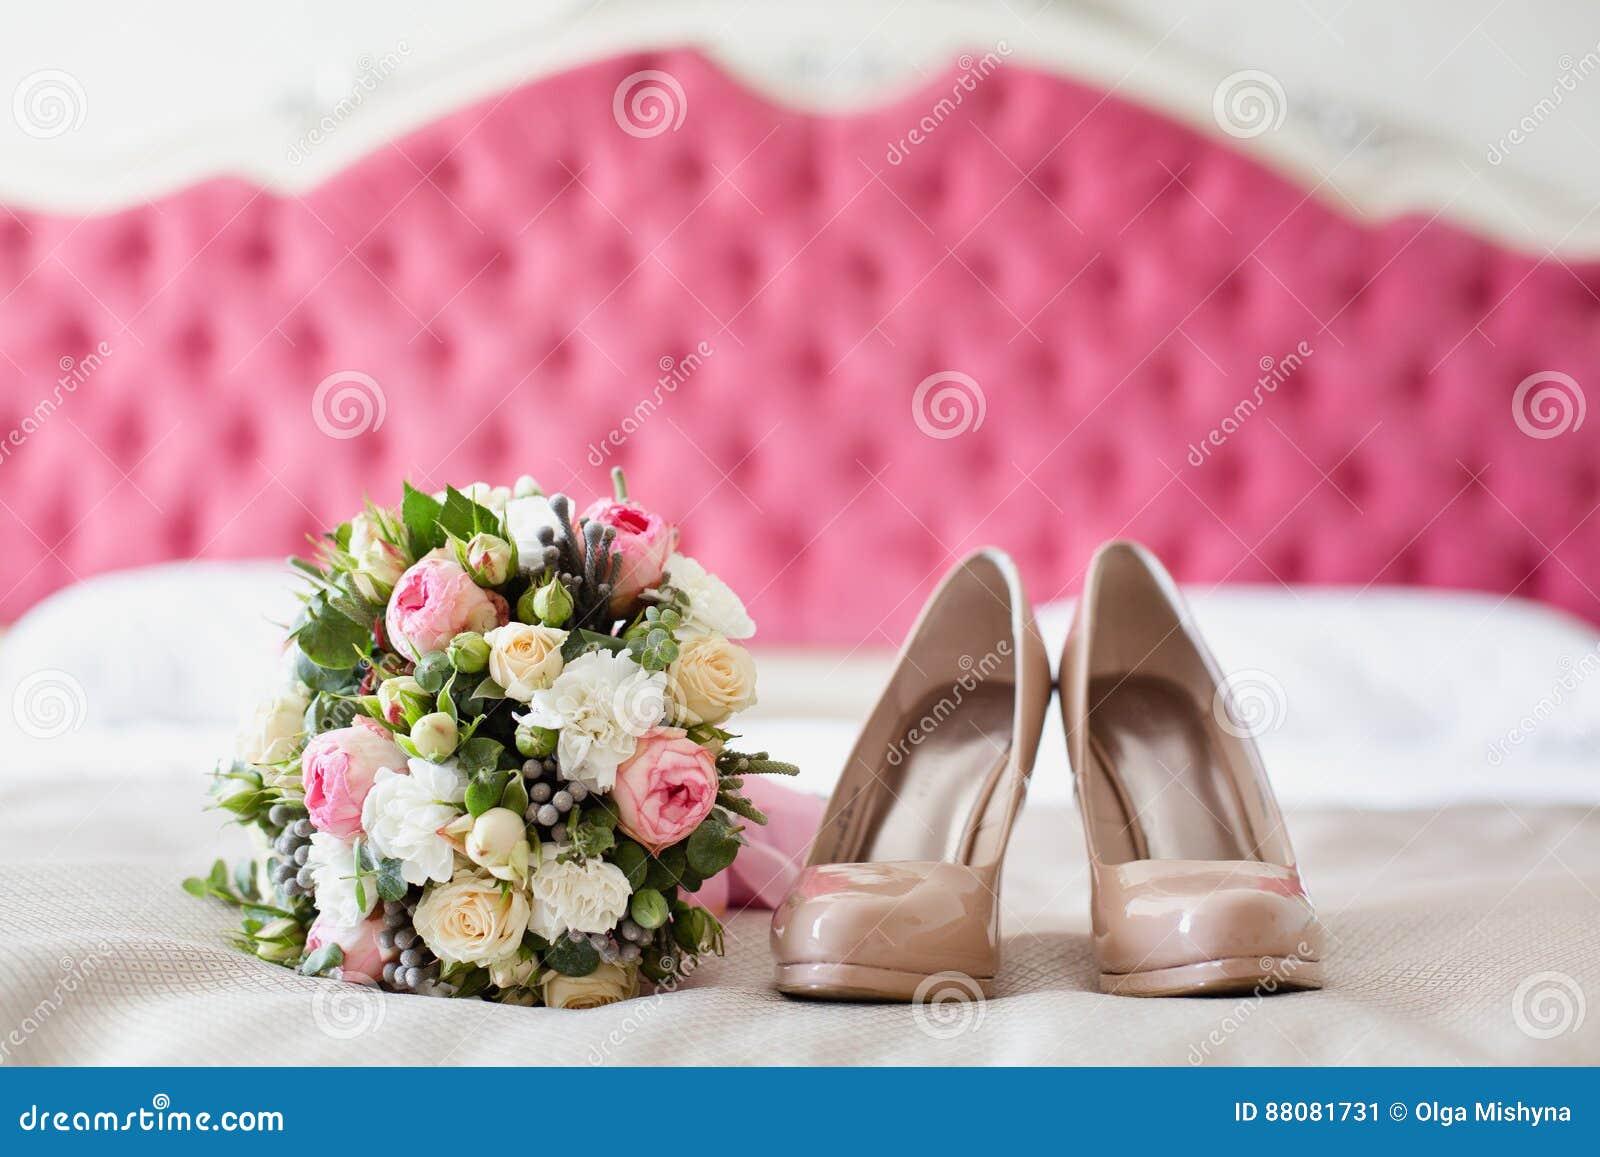 check out fa15d cfce2 Brautzubehör: Beige Schuhe Und Blumenstrauß Stockbild - Bild ...